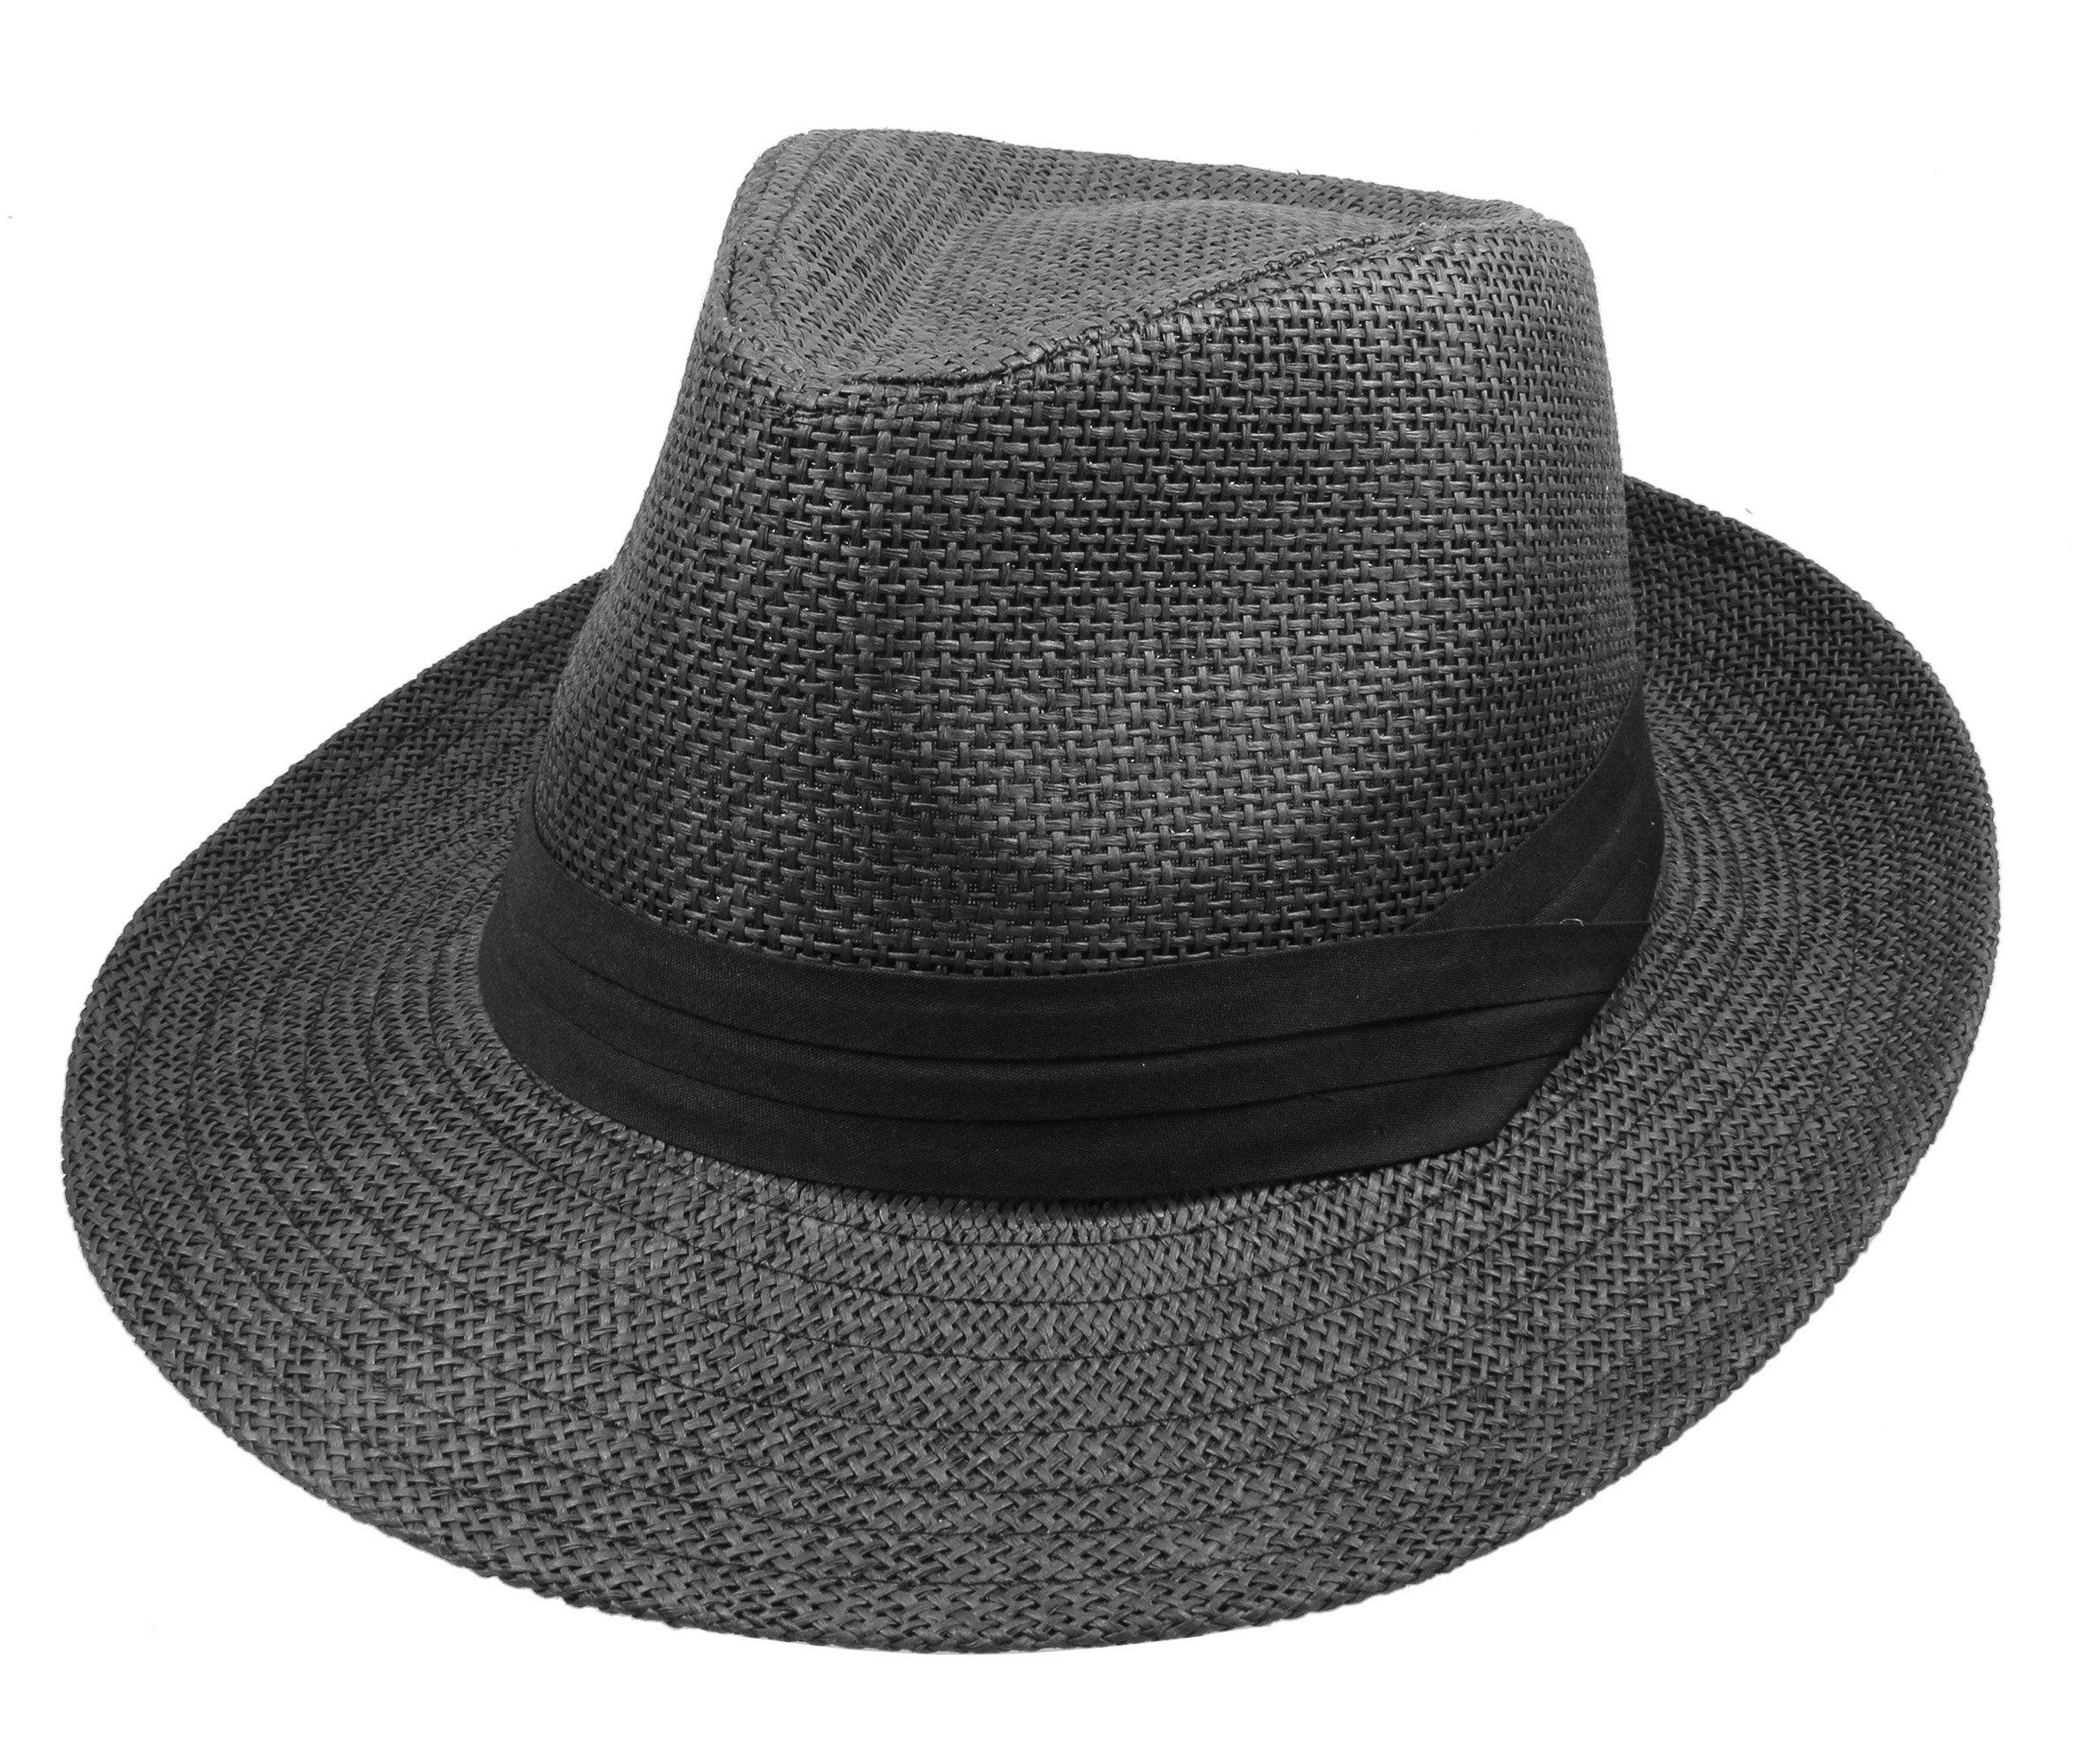 Gelante Wide Brim Summer Fedora Panama Straw Hats with Black Band M255-Black-L/XL